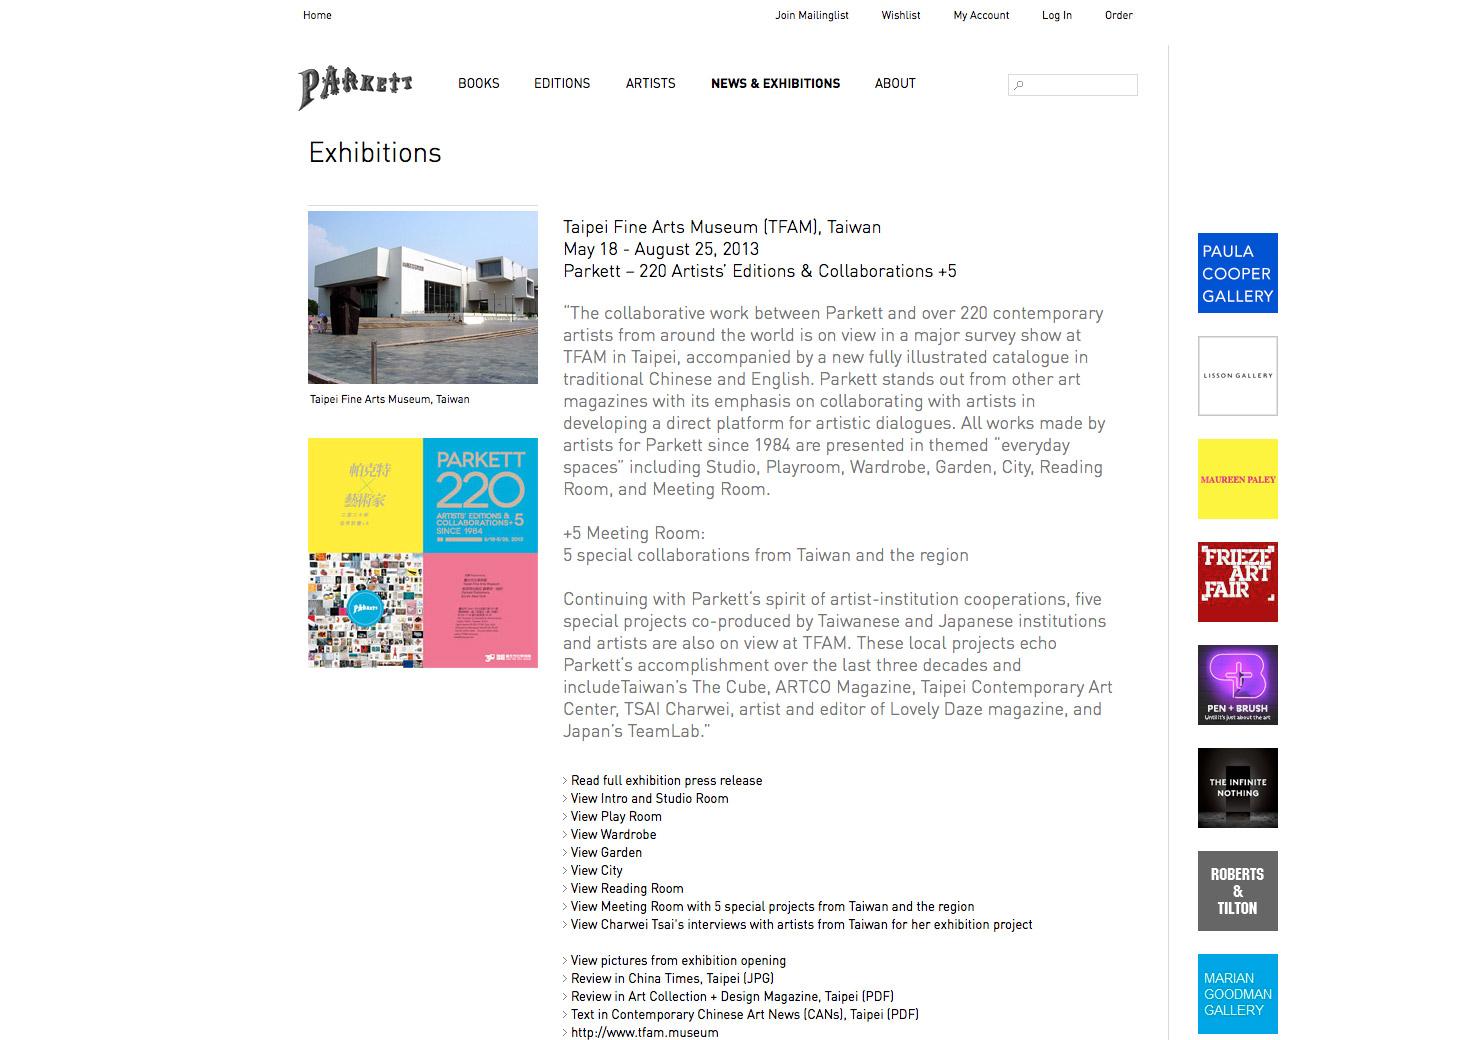 Detailseite Ausstellung für zeitgenössische Kunst slide 7